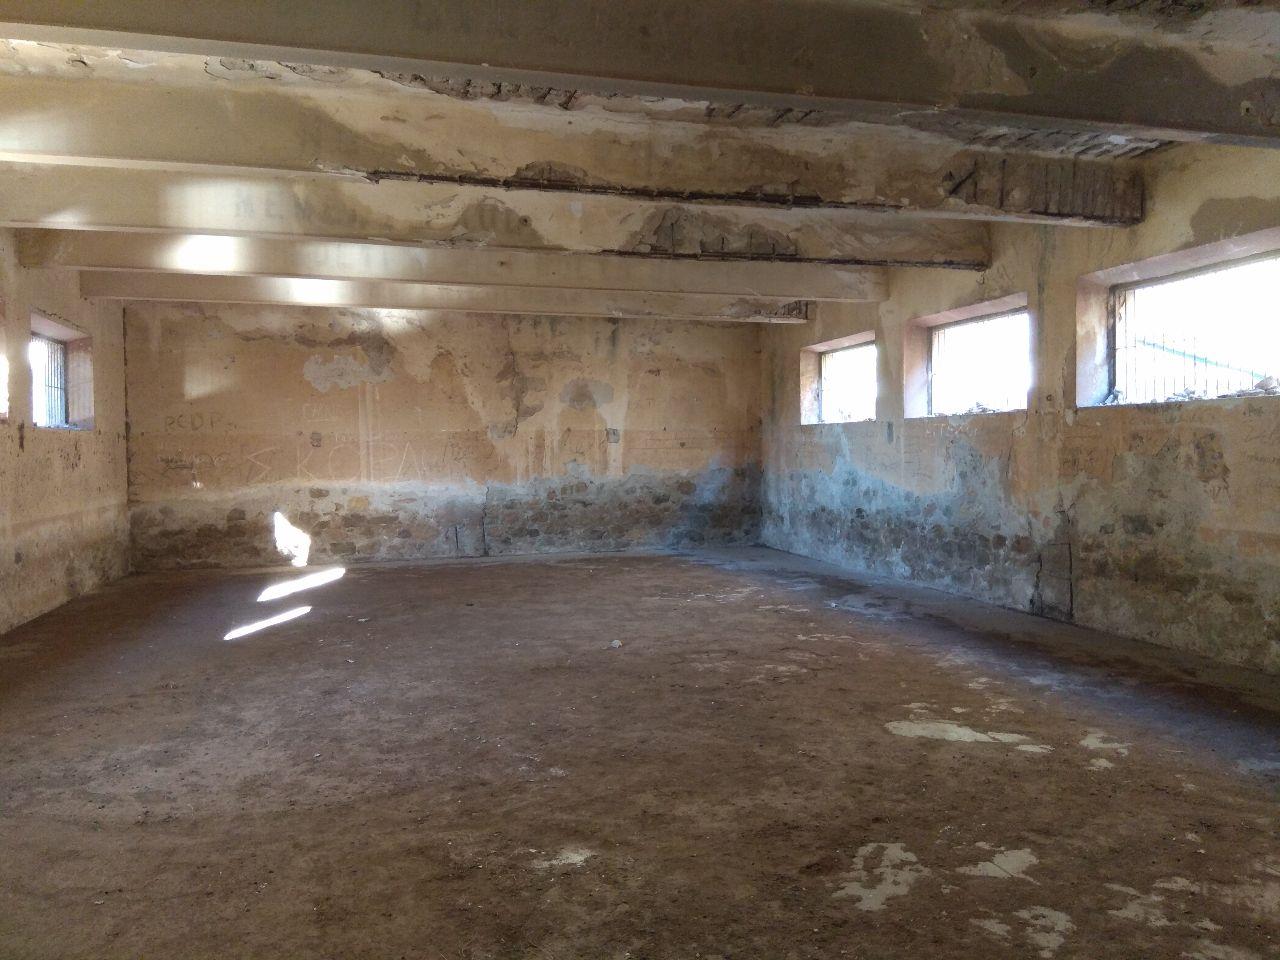 Εσωτερικός χώρος του στρατώνα